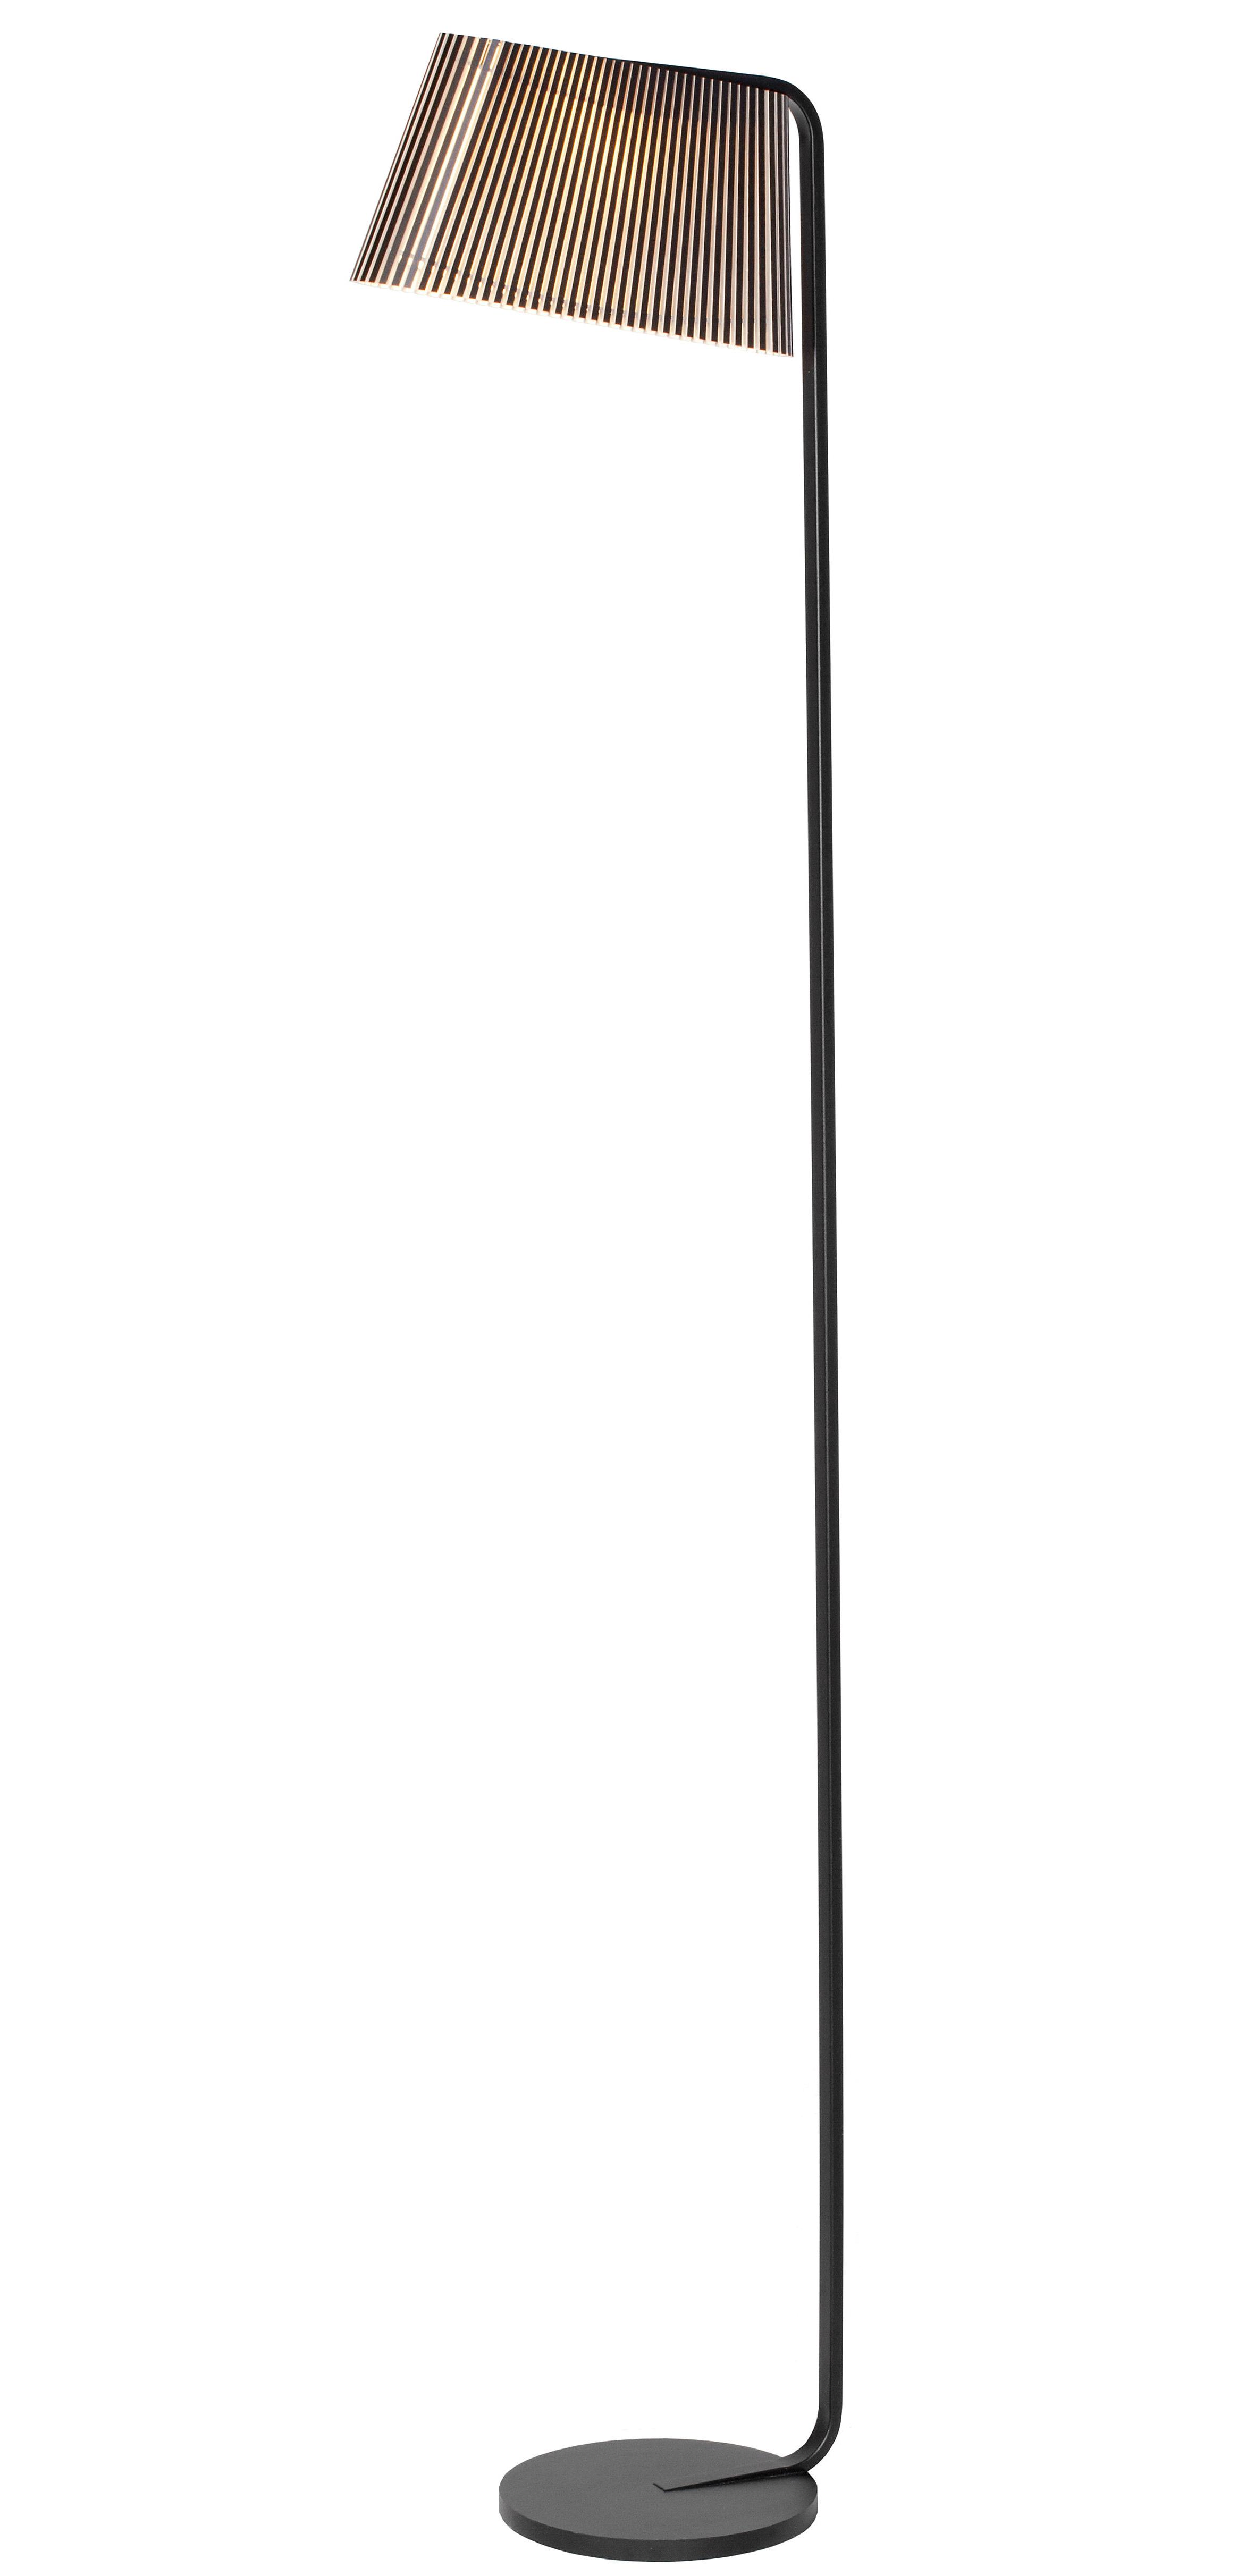 Leuchten - Stehleuchten - Owalo Stehleuchte LED / H 168 cm - Secto Design - Schwarz / Gestell schwarz - Birkenlatten, Metall